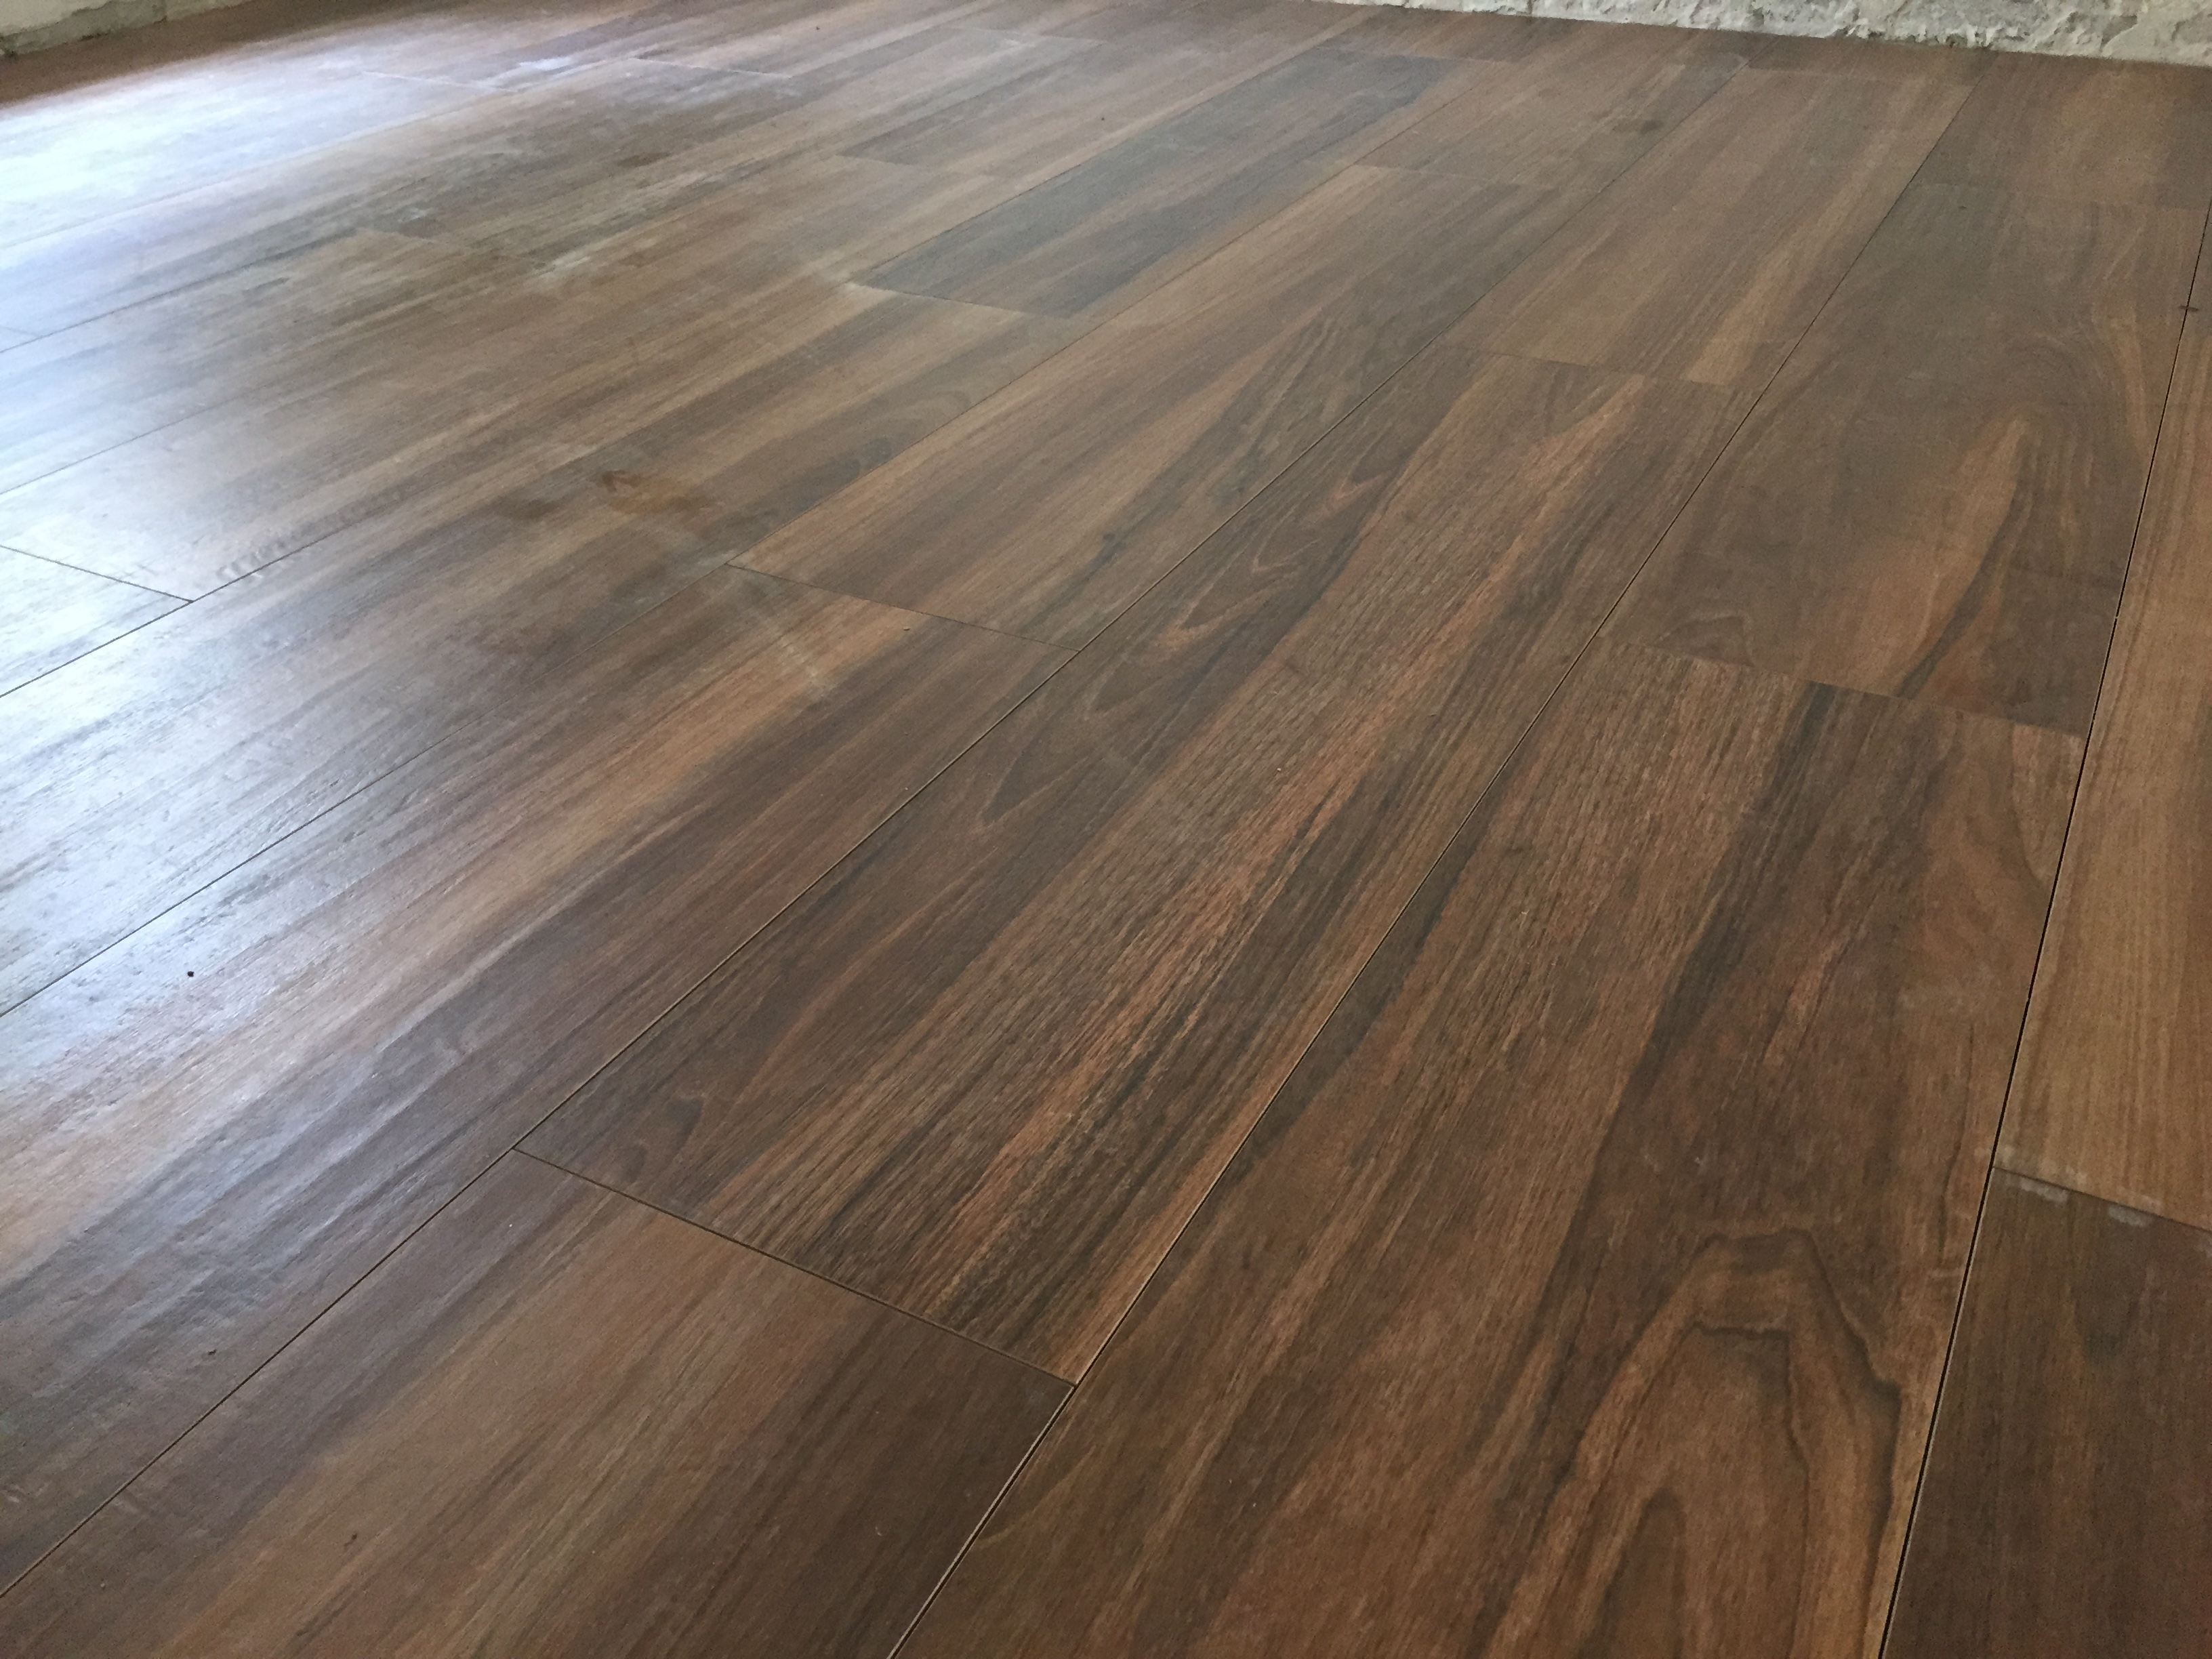 Pavimenti In Vinile Effetto Legno : Pavimenti in vinile effetto legno images pavimenti in